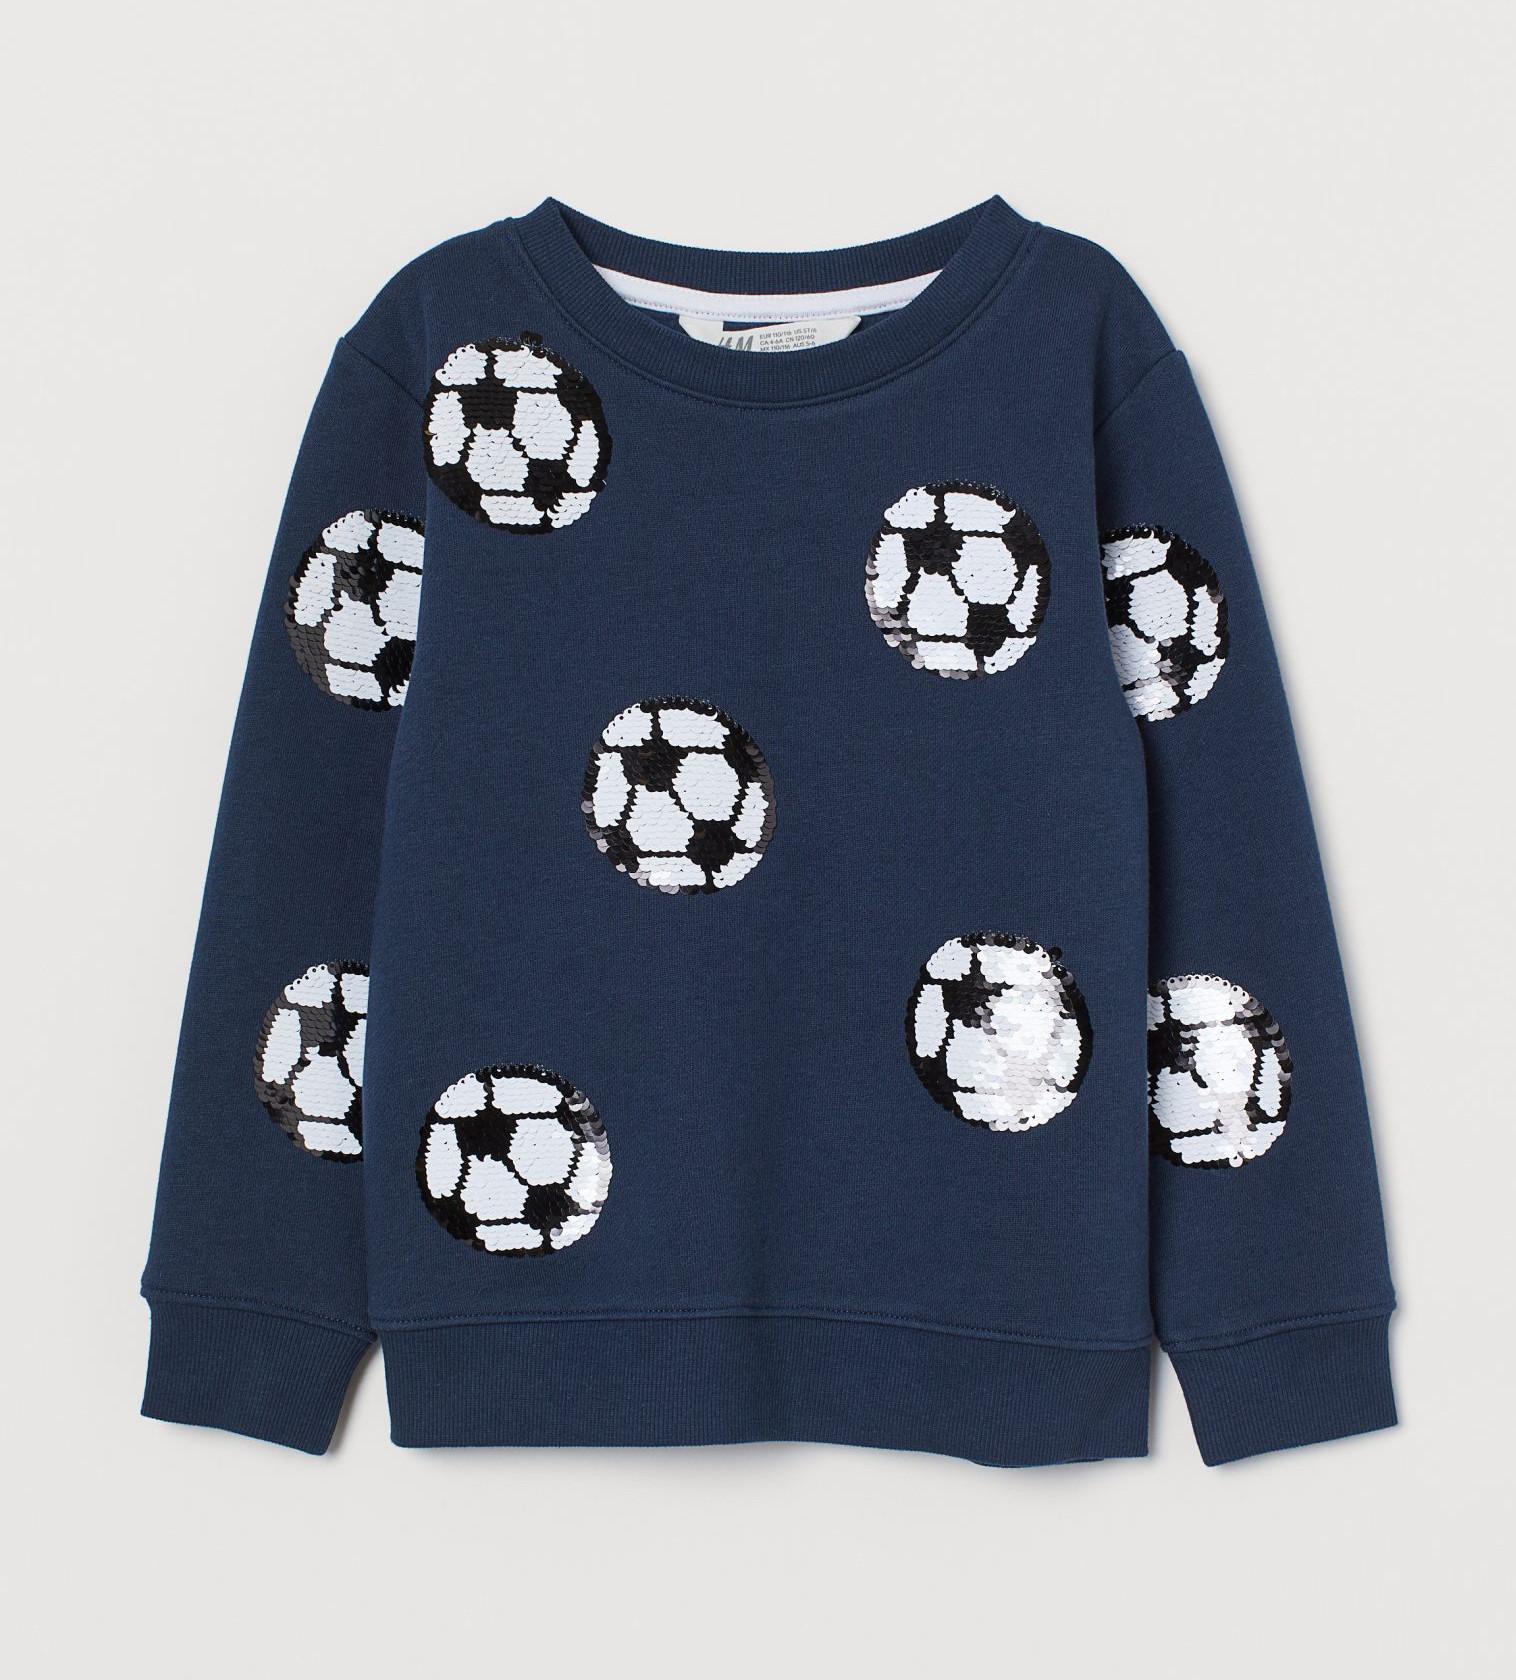 Купити Світшот H&M з паєтками футбольних м'ячів - фото 1